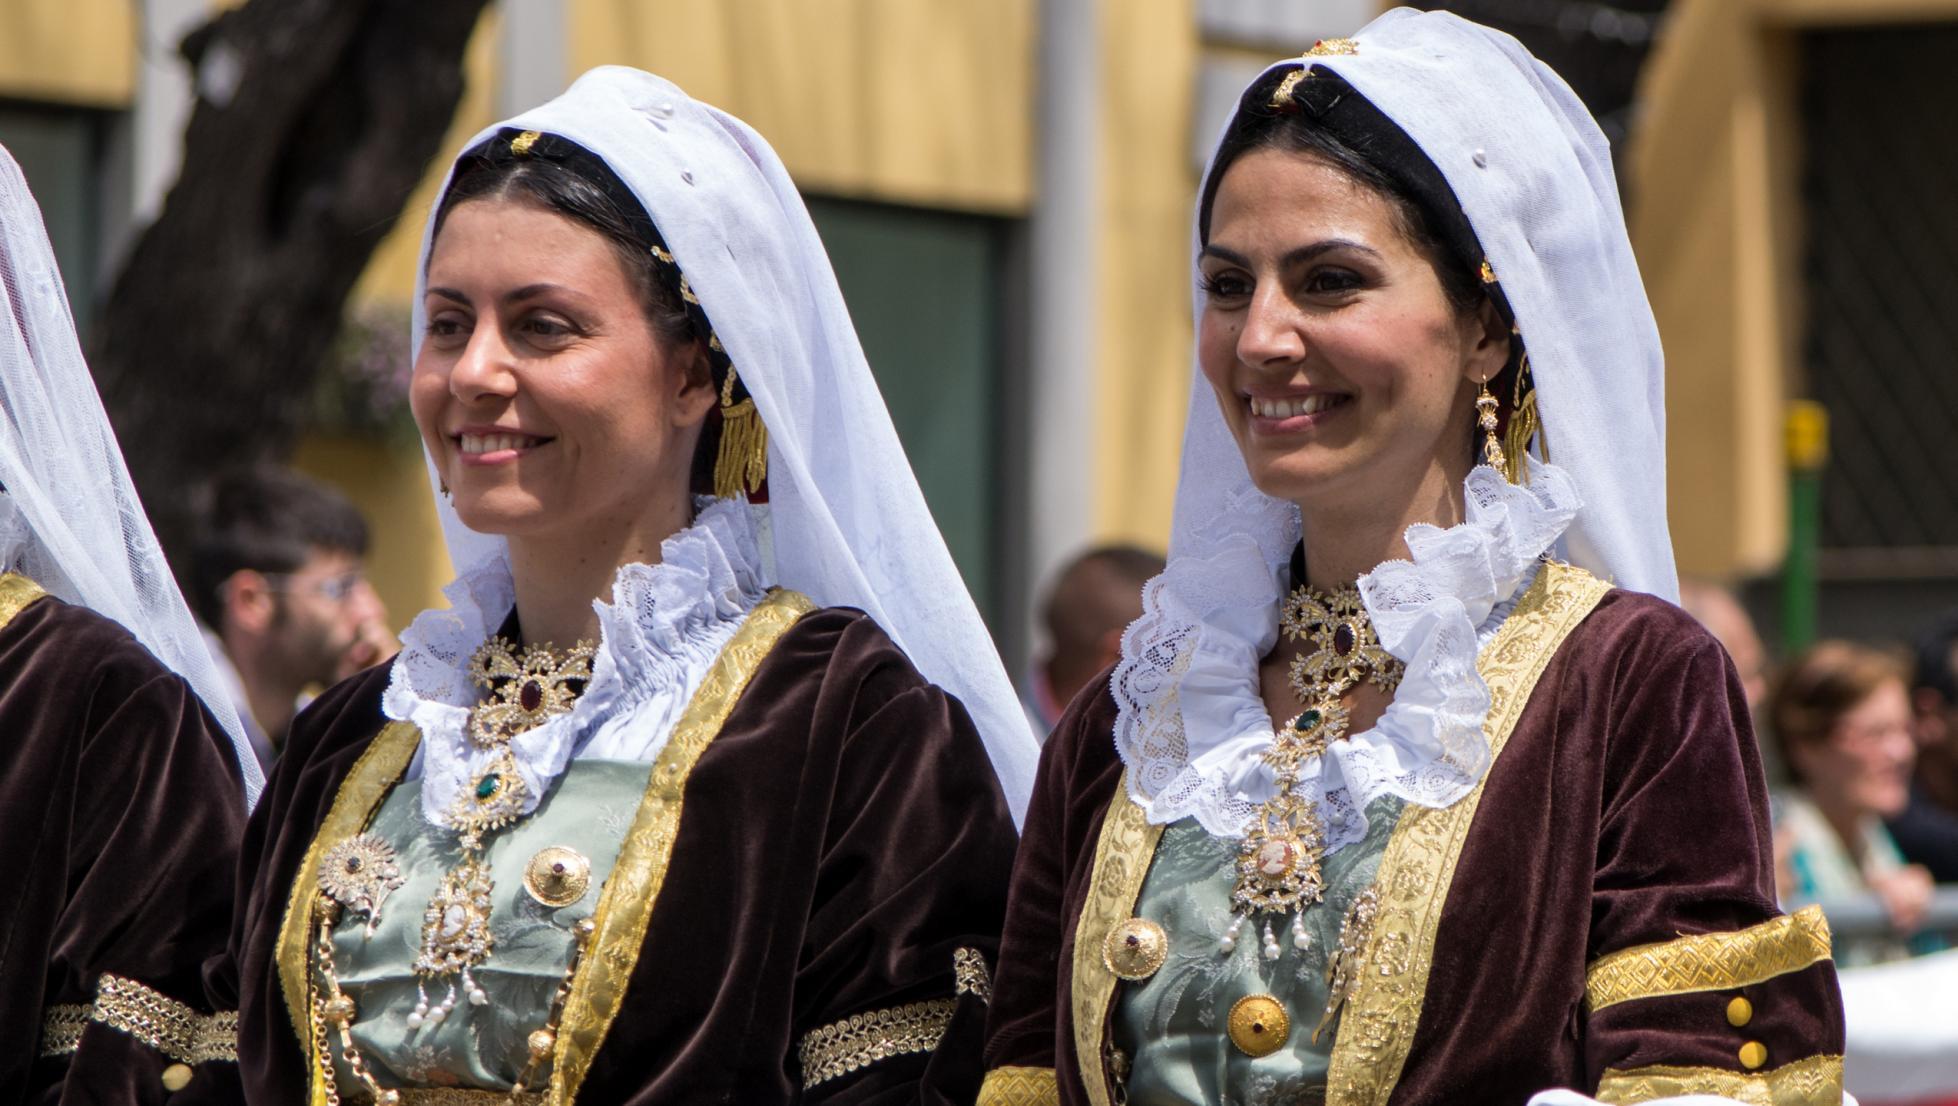 Donne in abito tradizionale